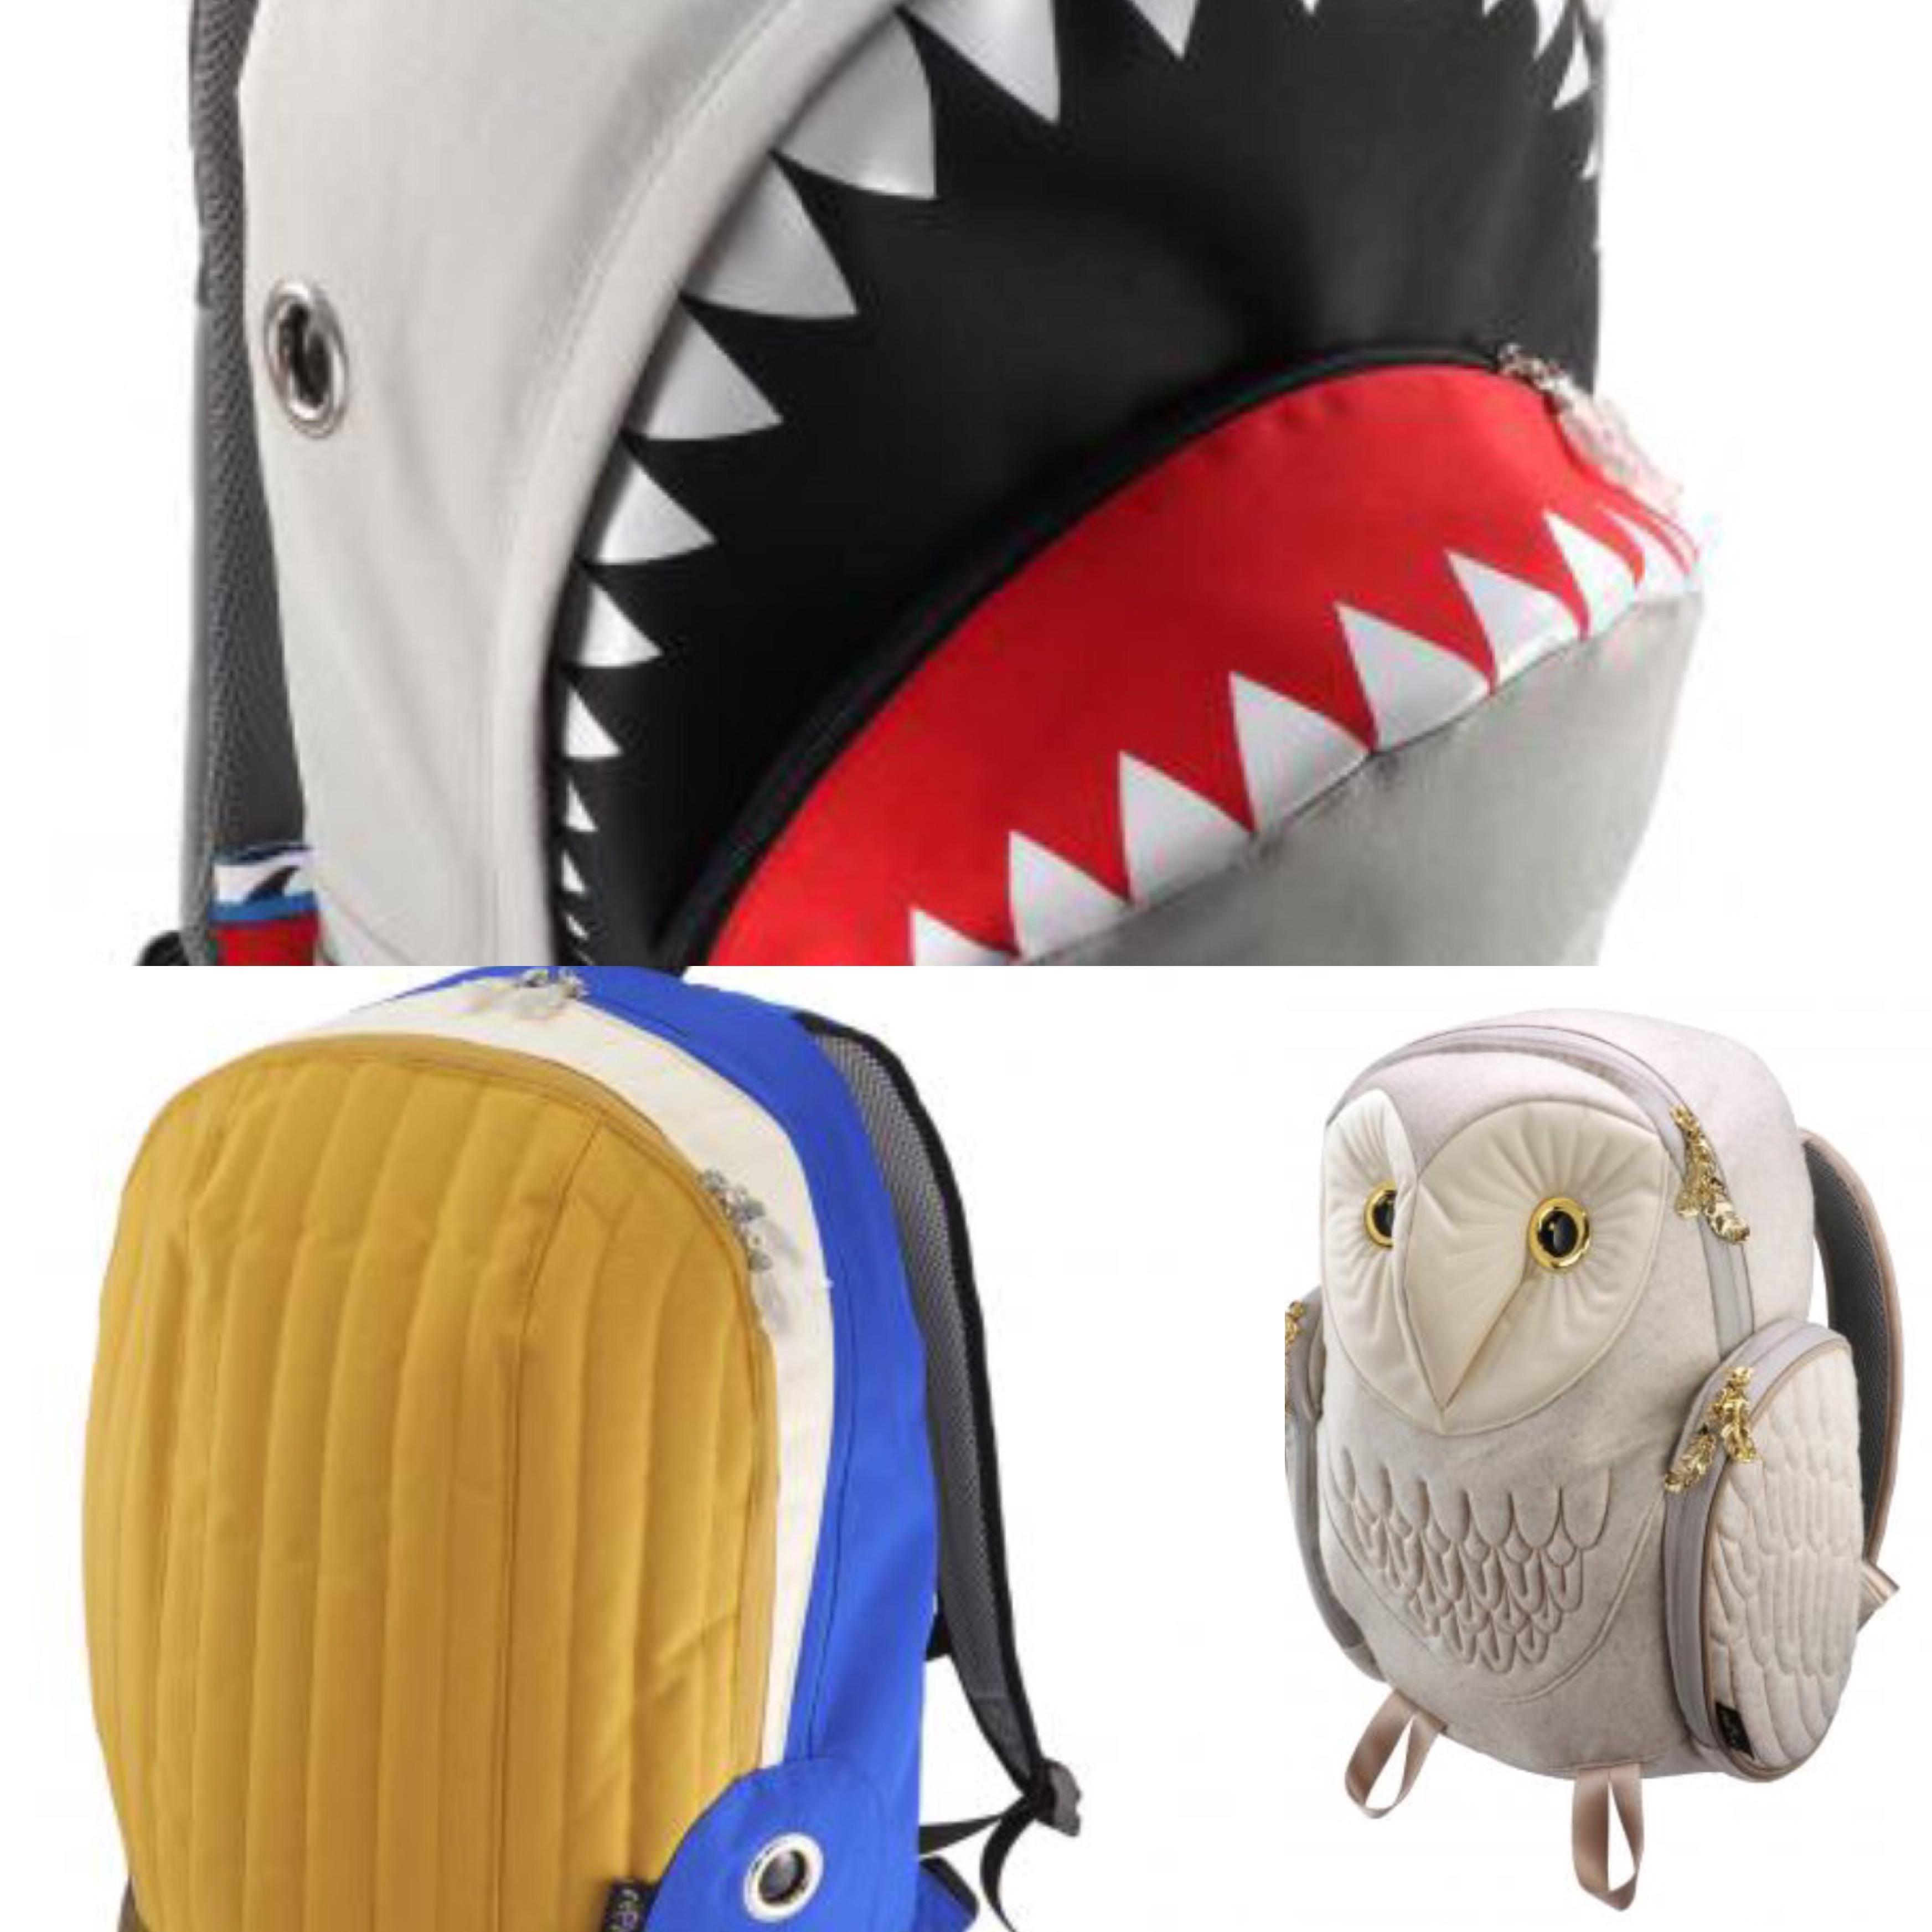 HugFactoryの動物型ショルダーバッグは可愛すぎる